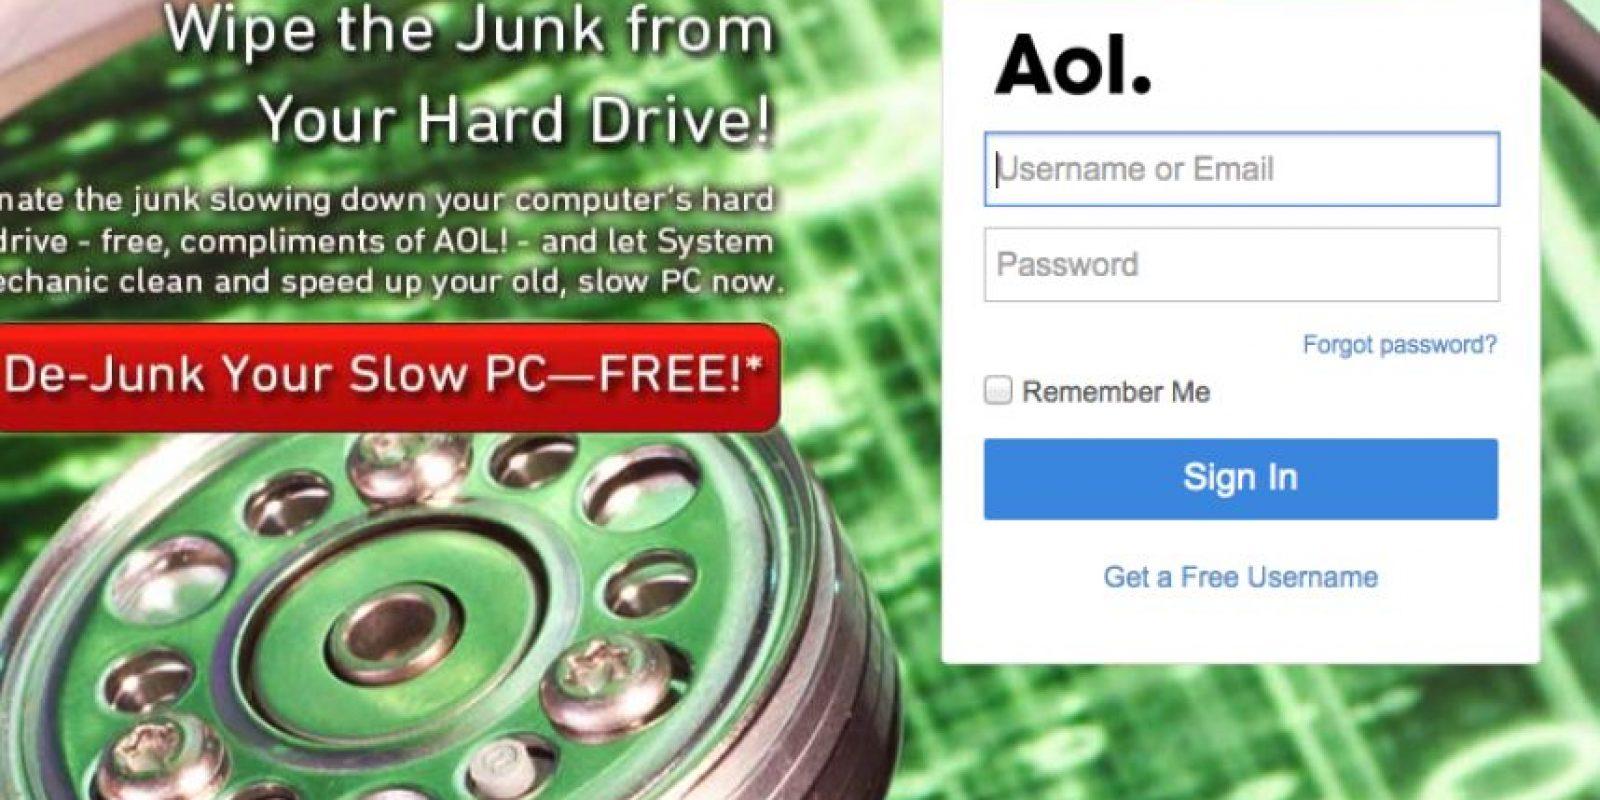 Aol comenzó a la par de servicios como MSN y Yahoo, pero no pudo mantener el ritmo de crecimiento. Foto:Aol